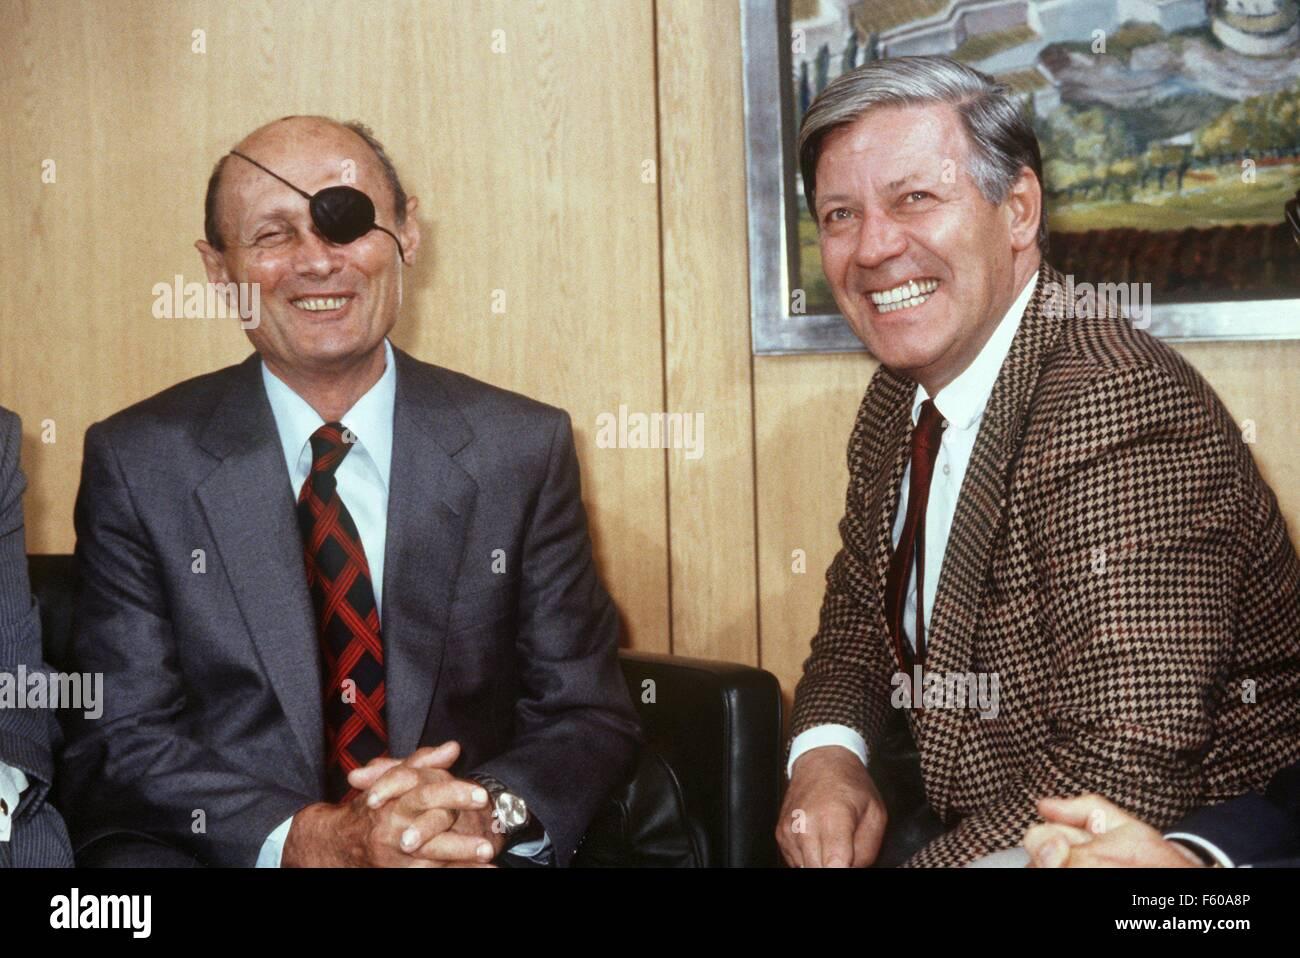 Le chancelier Helmut Schmidt (SPD) en collaboration avec le Ministre des affaires étrangères israélien Moshe Dayan en septembre 1979 à Bonn. Banque D'Images